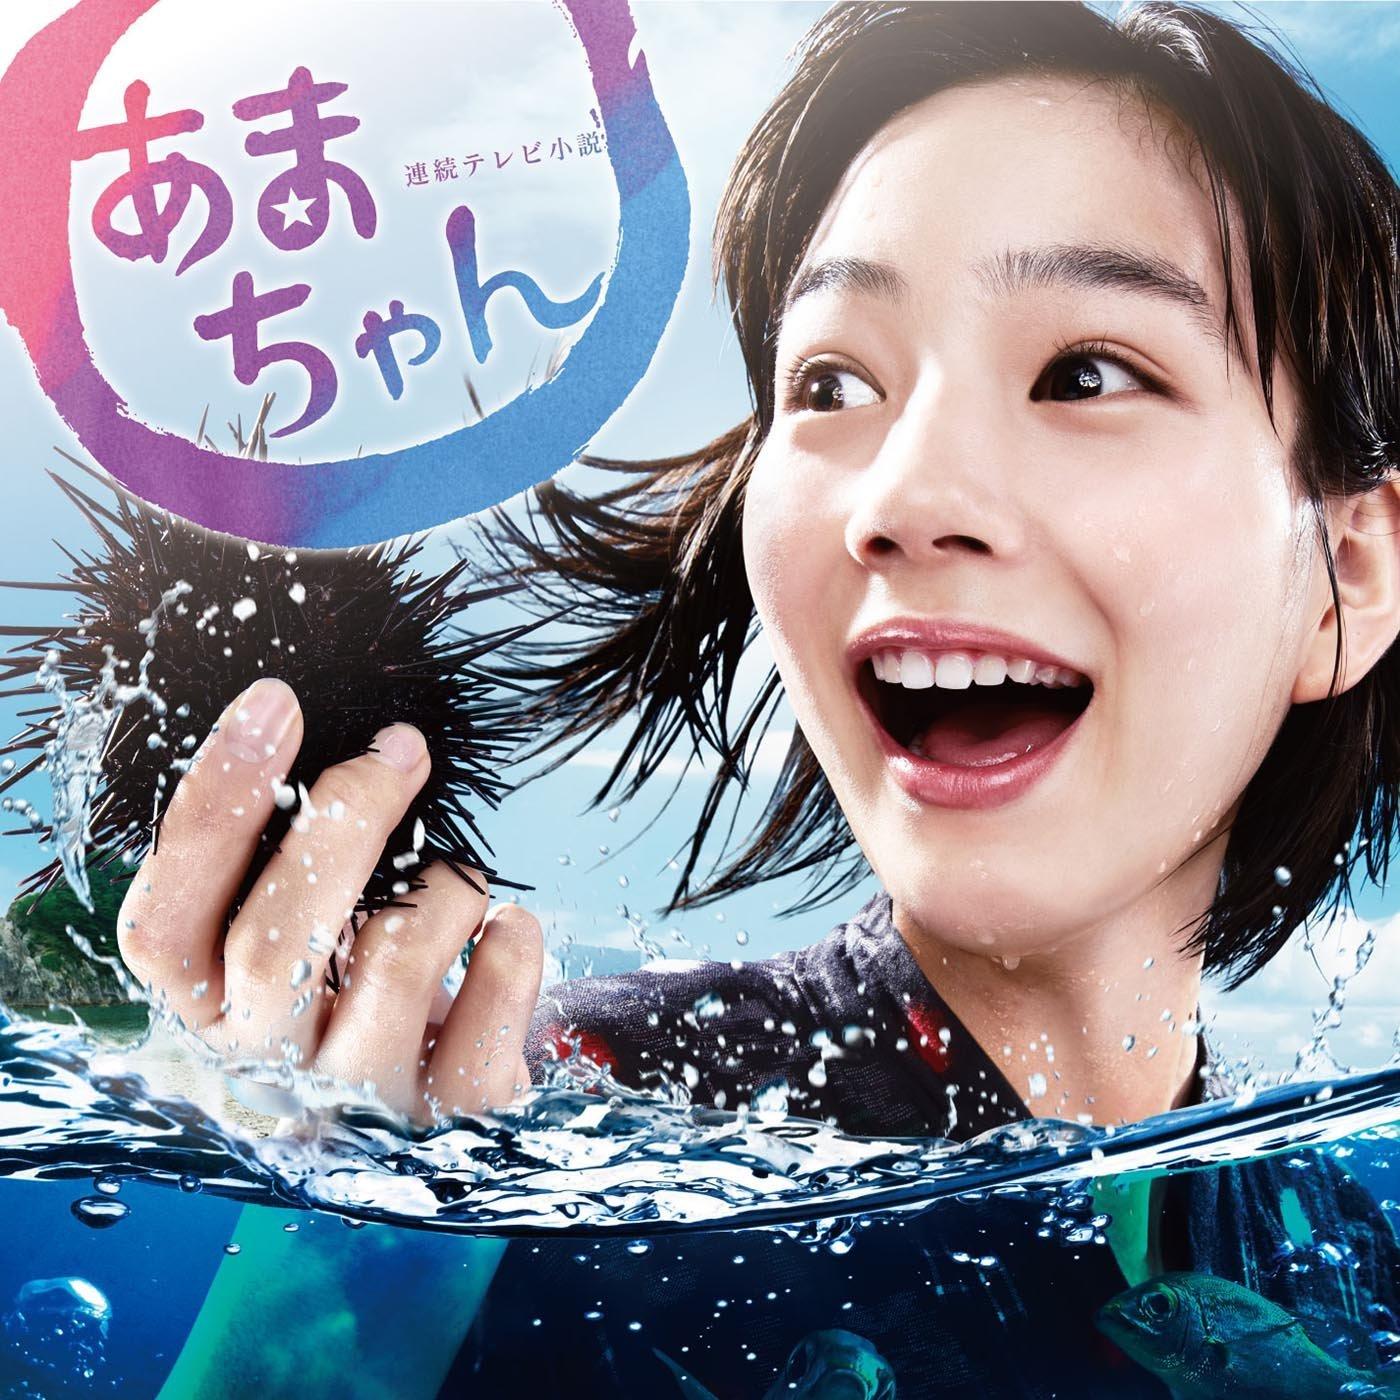 日本列島を縦断した【あまちゃん】旋風!その出演者を紹介します!のサムネイル画像